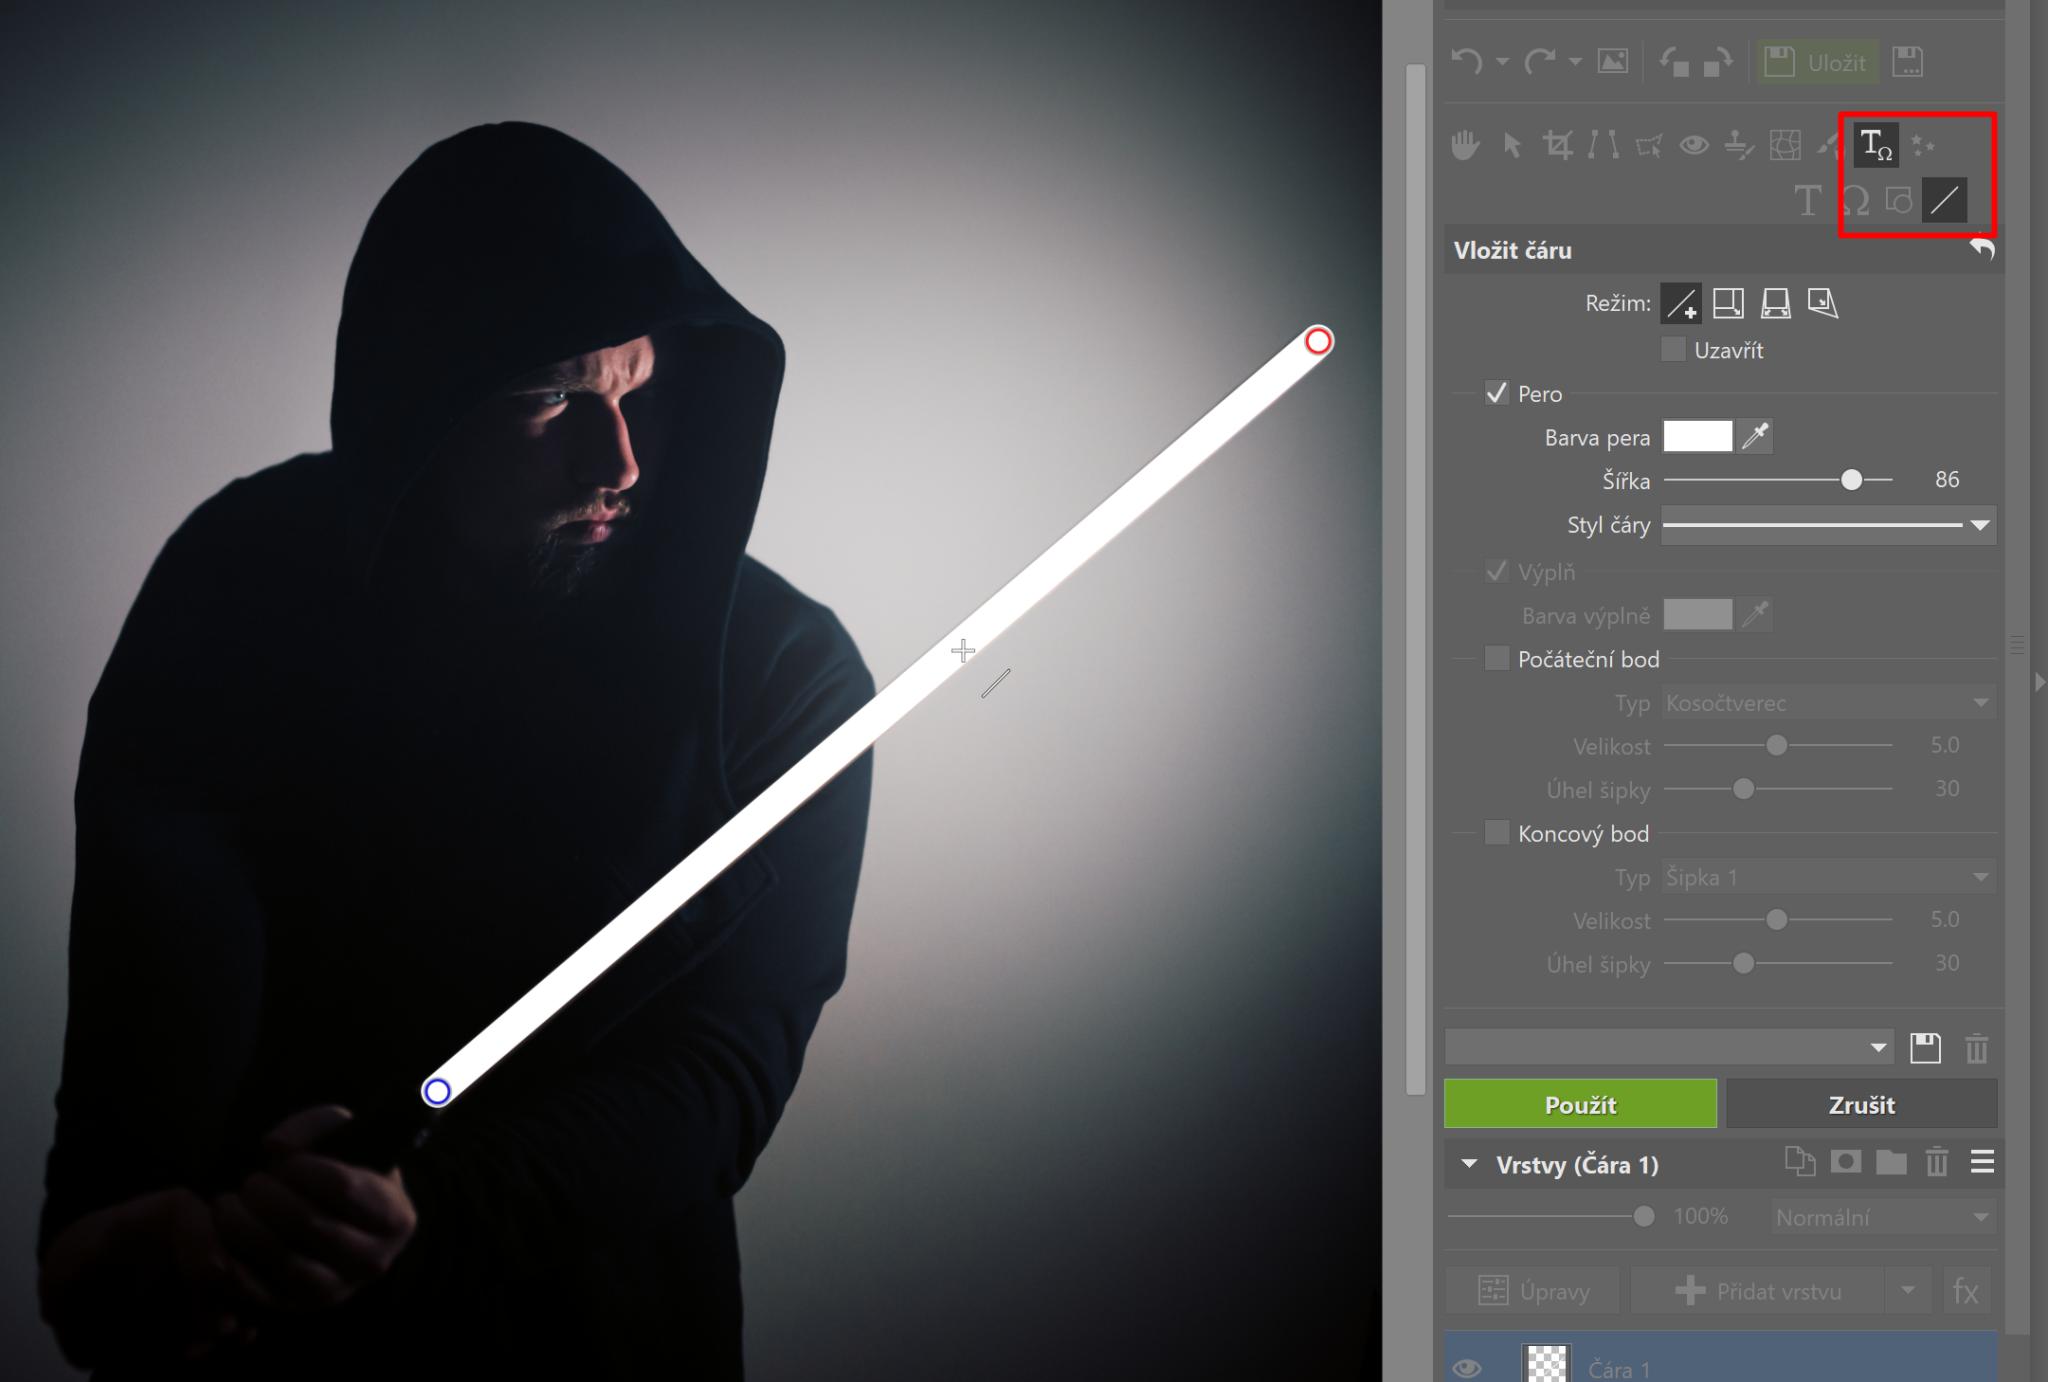 Star Wars speciál: přidejte si do fotky světelný meč - překrývání tyče čárou